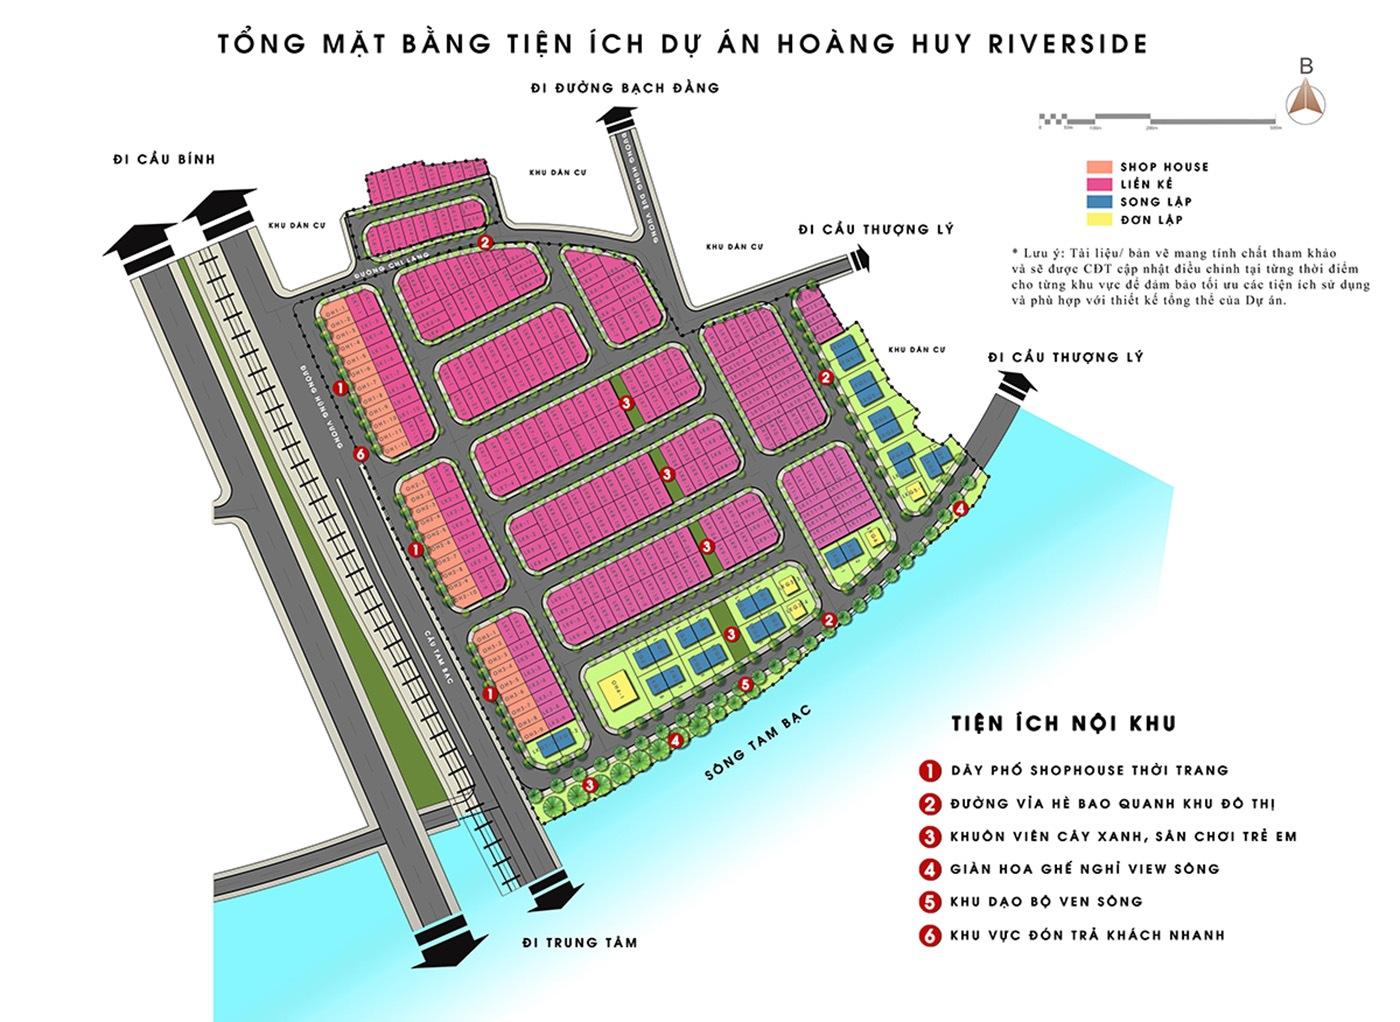 Mặt bằng phân lô dự án Hoàng Huy Riverside Sông Cấm